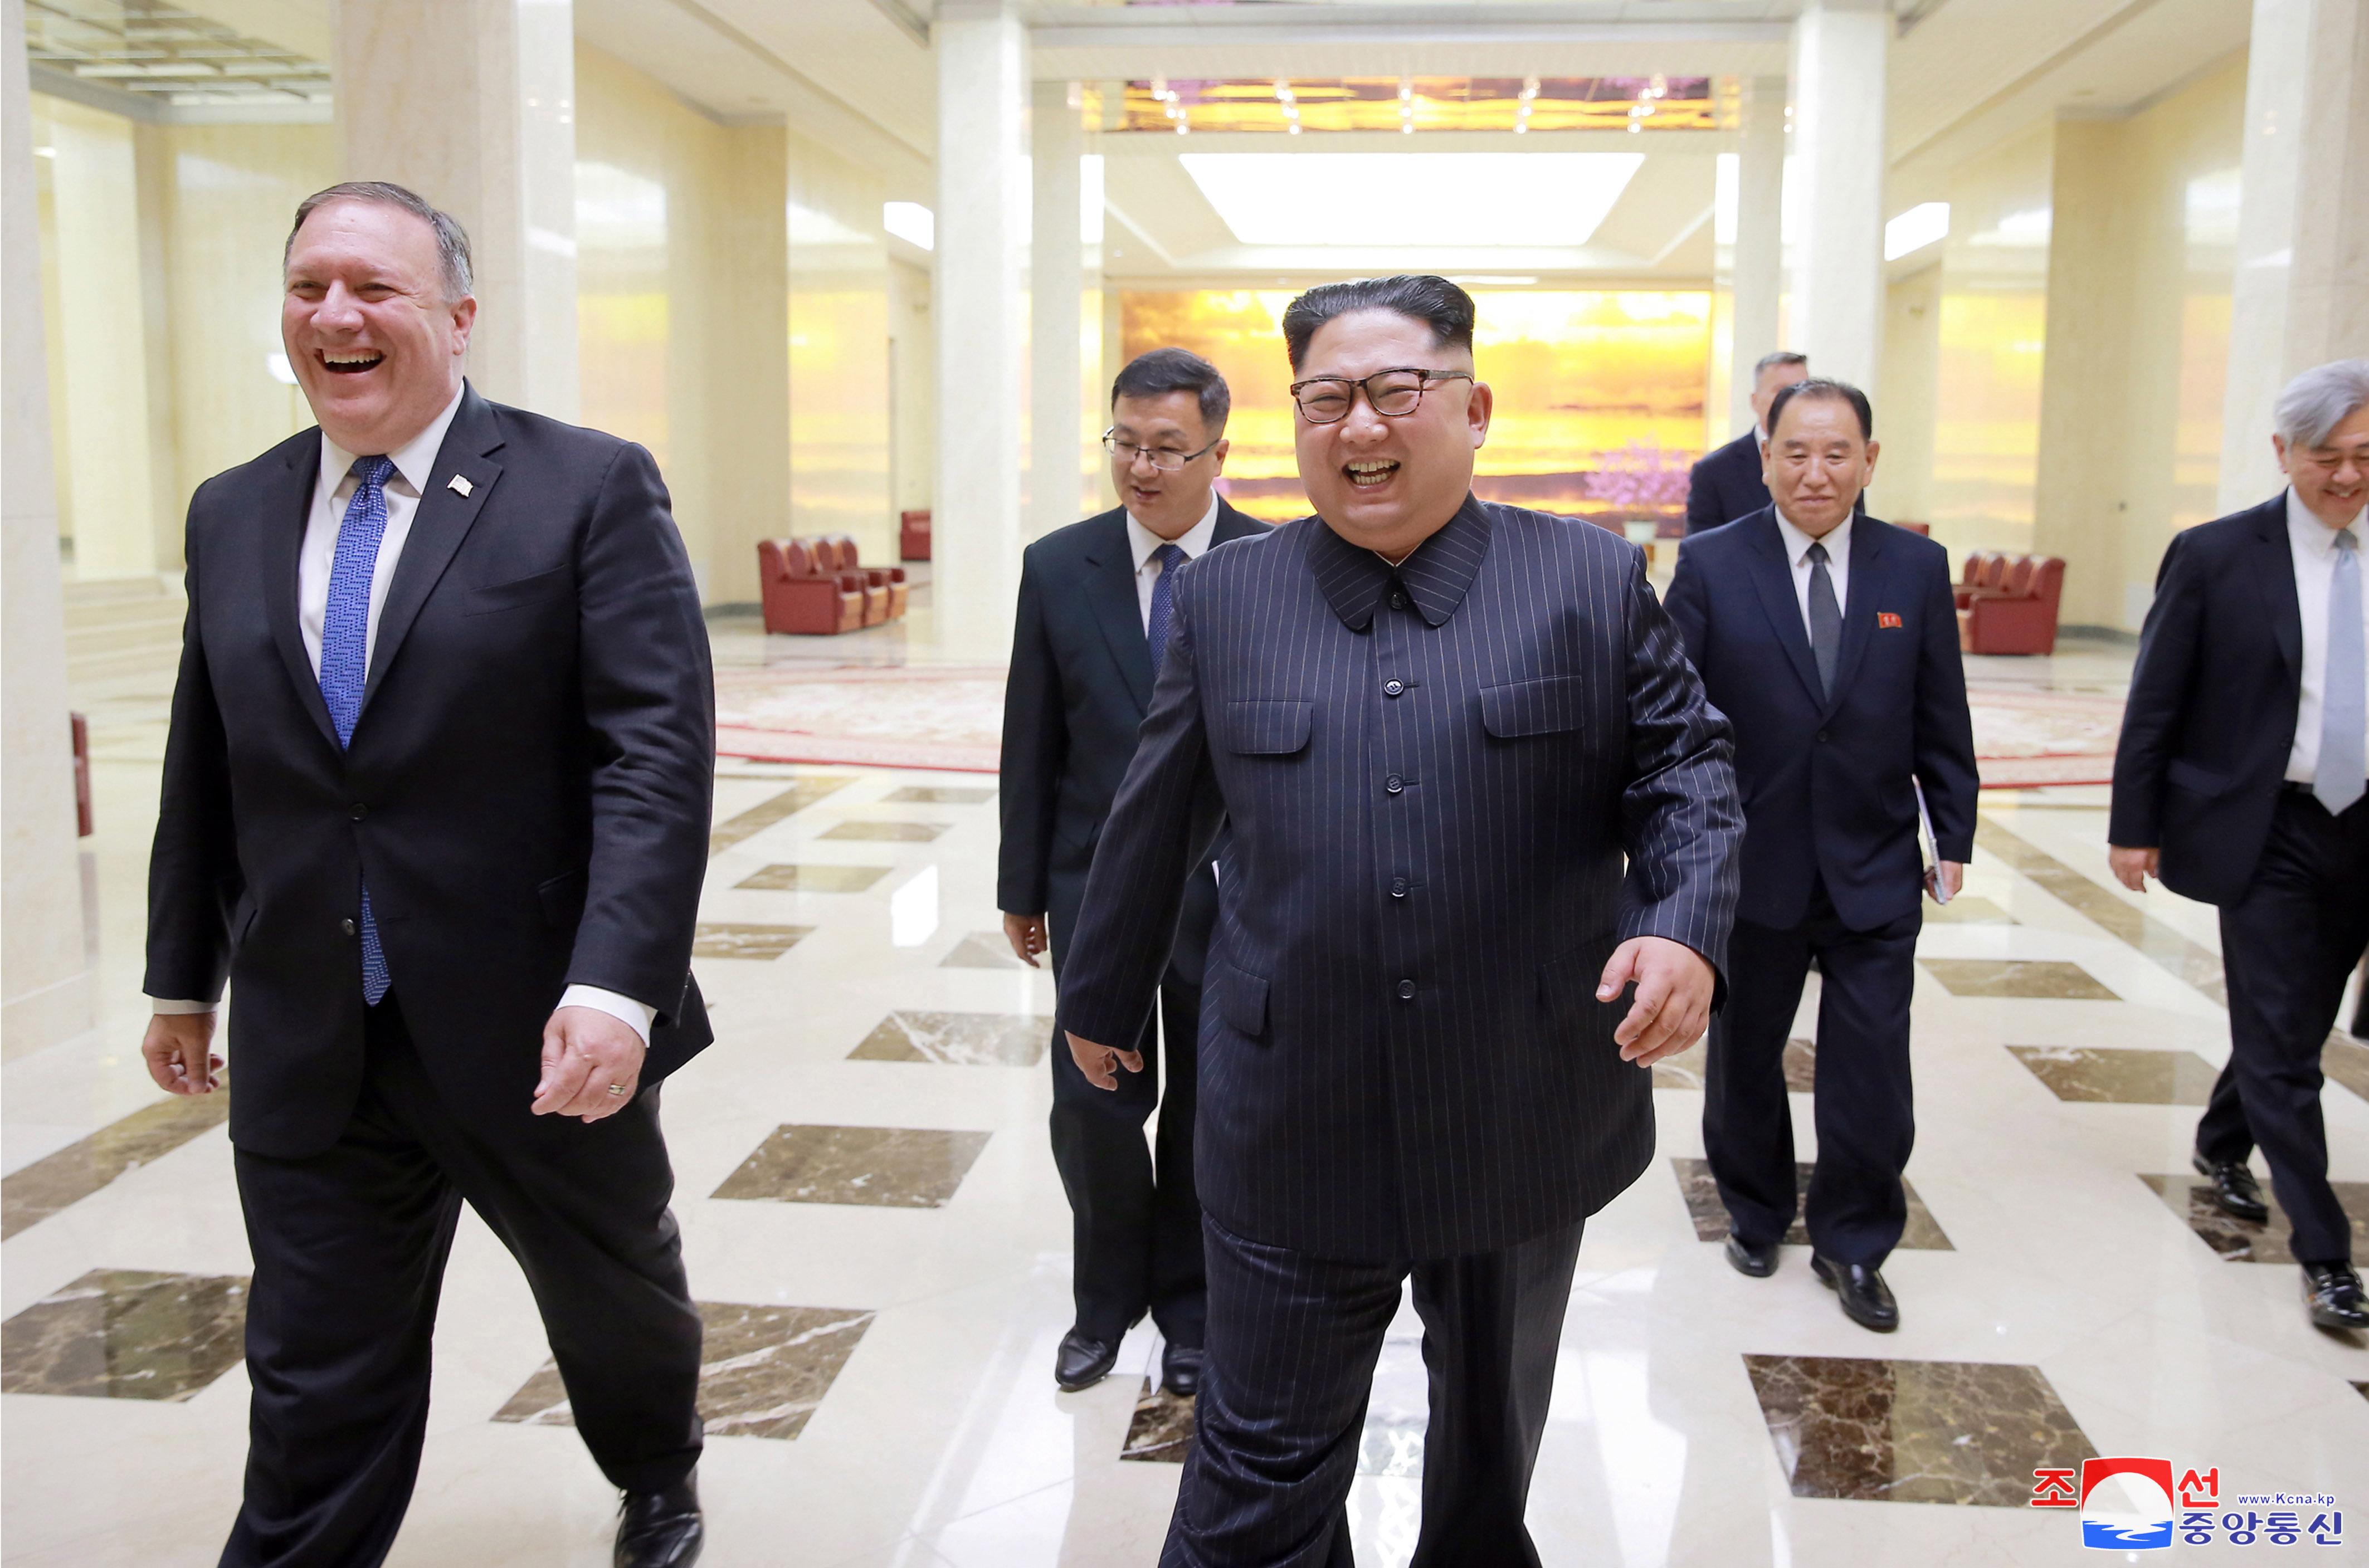 Pyongjang nezadovoljan američkim zahtjevima oko denukelarizacije